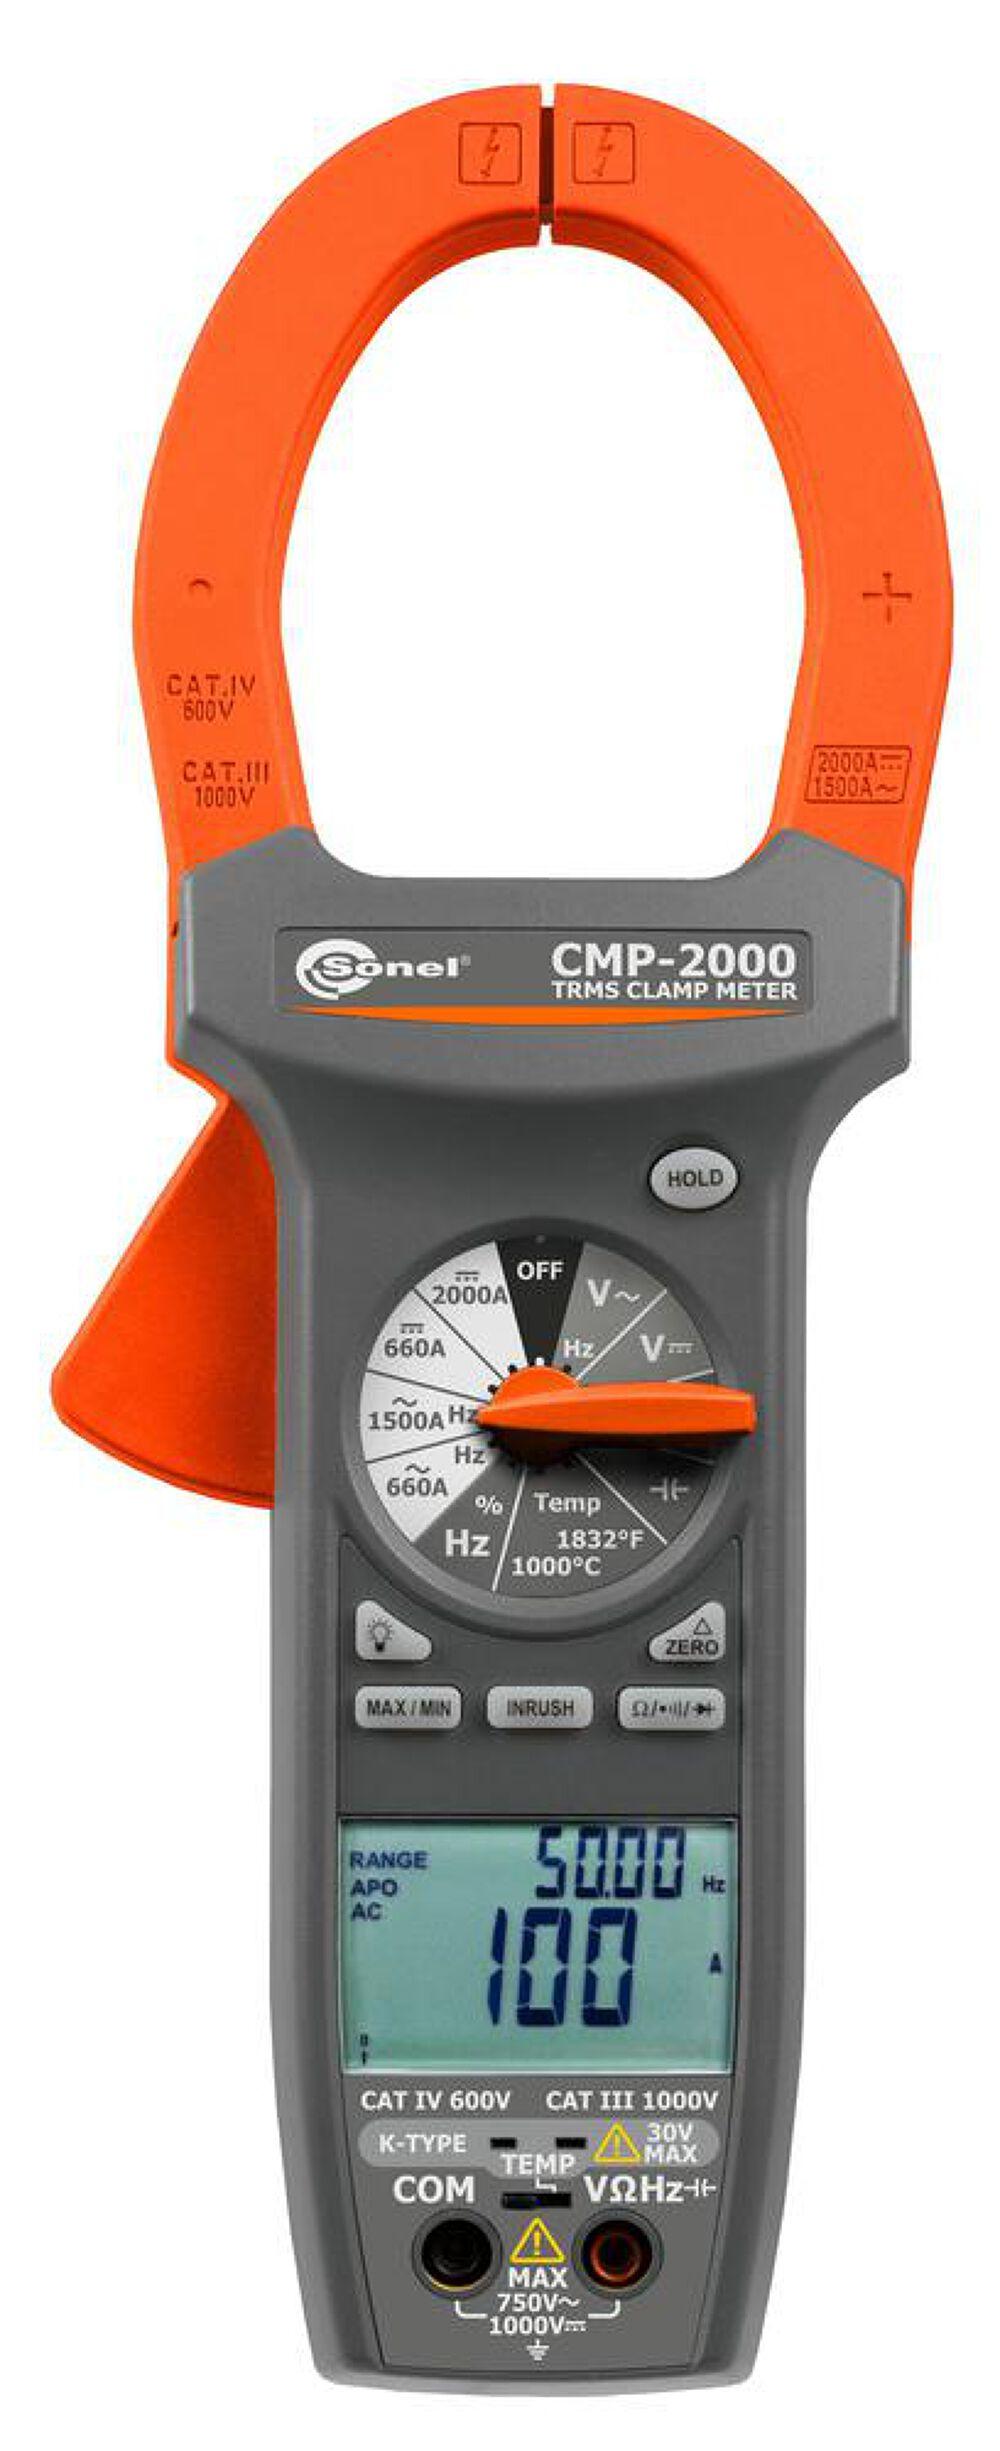 Đồng hồ kẹp kỹ thuật số Sonel CMP-2000